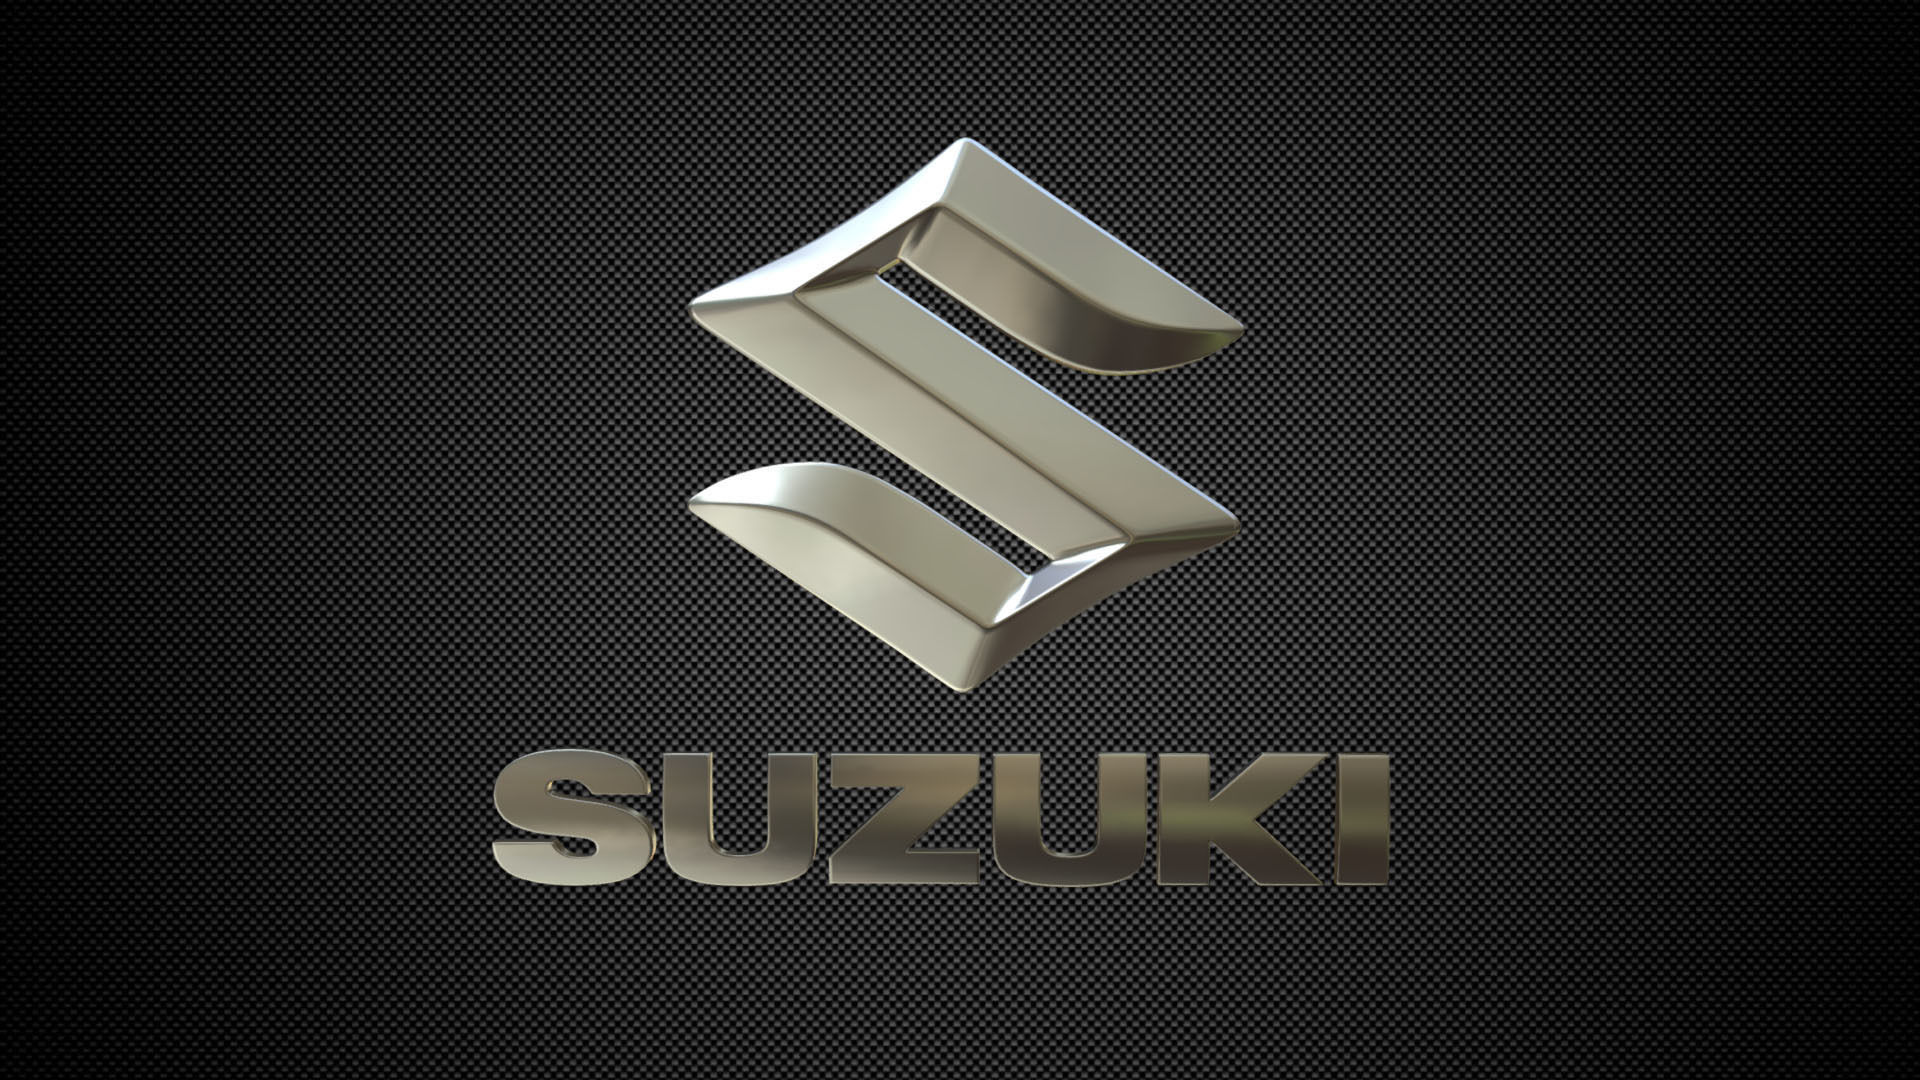 سوزوكي تسجل هبوطا 46% في أرباح الربع الاول بسبب تباطؤ طلب الهند